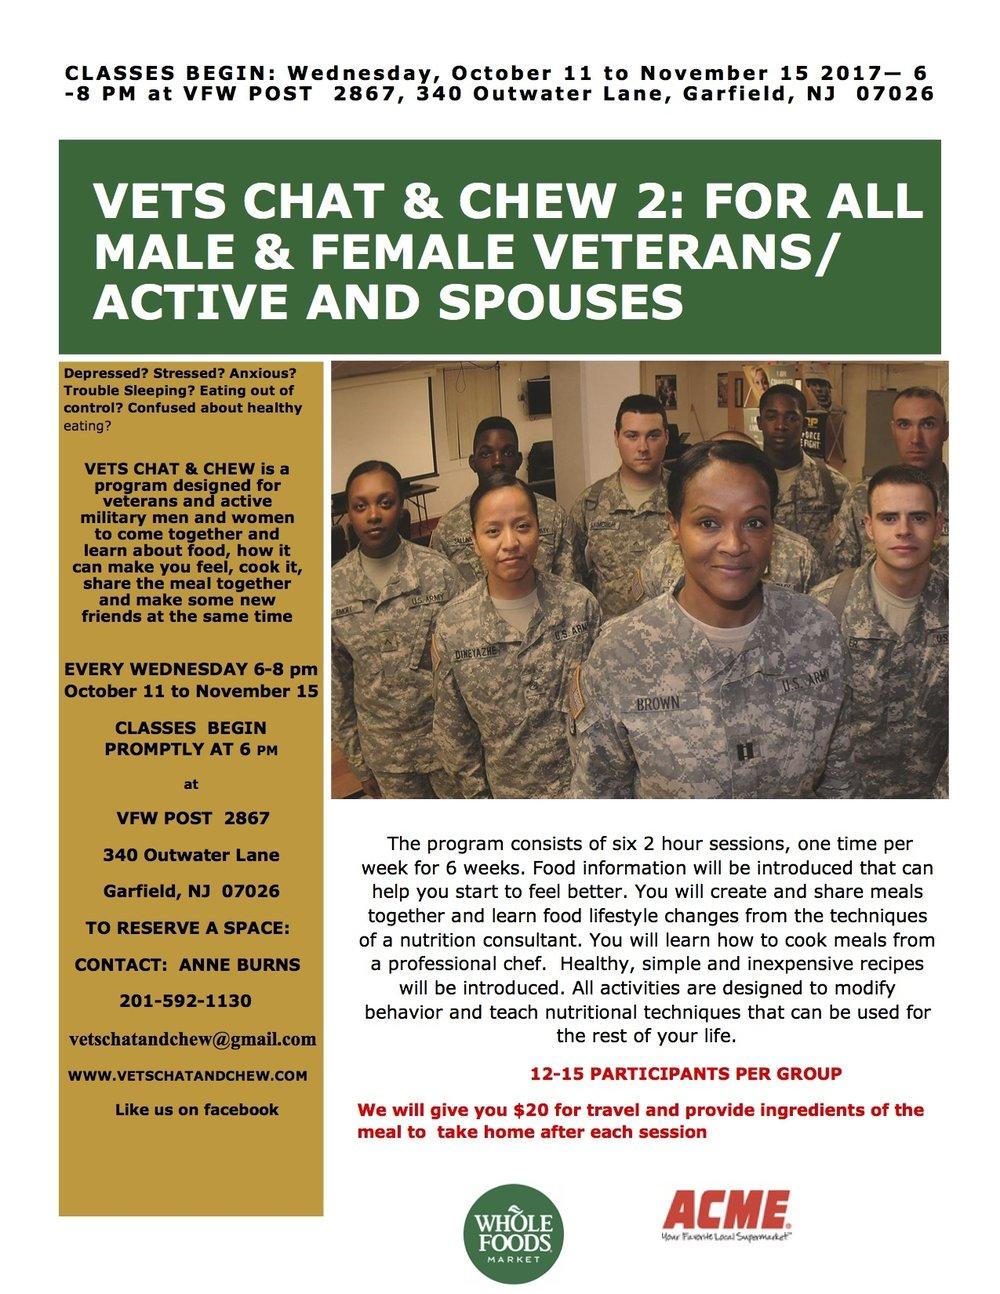 Vets+Chat+&+Chew+for+M&F+veterans+&+Spouses+Oct.11-Nov.15.jpg